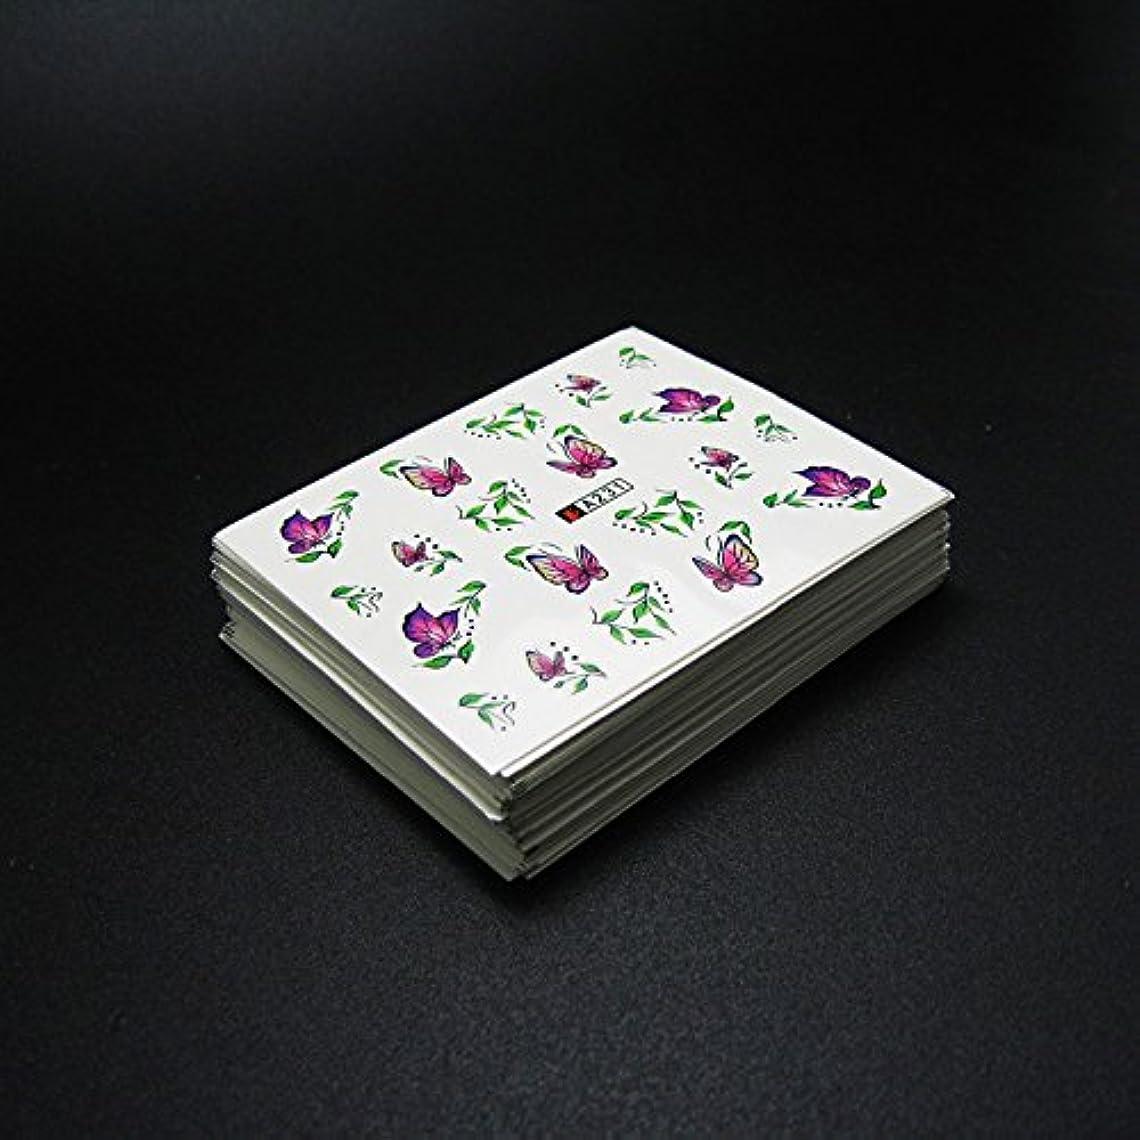 パラシュートいたずらな町50枚ネイルシールの花混在デザイン水転送ネイルアートステッカーウォーターマークデカールDIYデコレーション美容爪用ツール